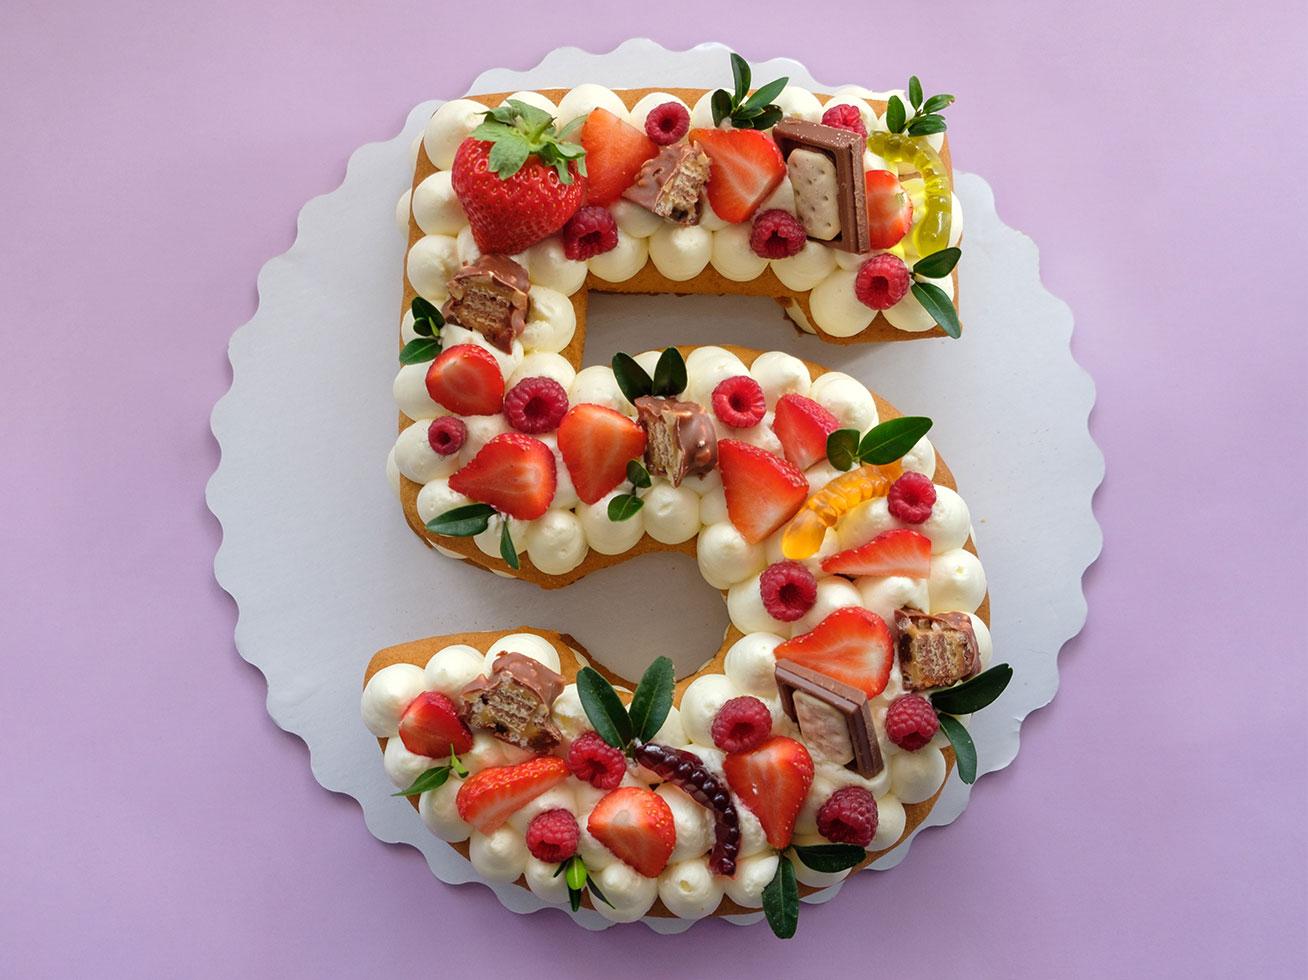 Pasticceria Reina Cream tart